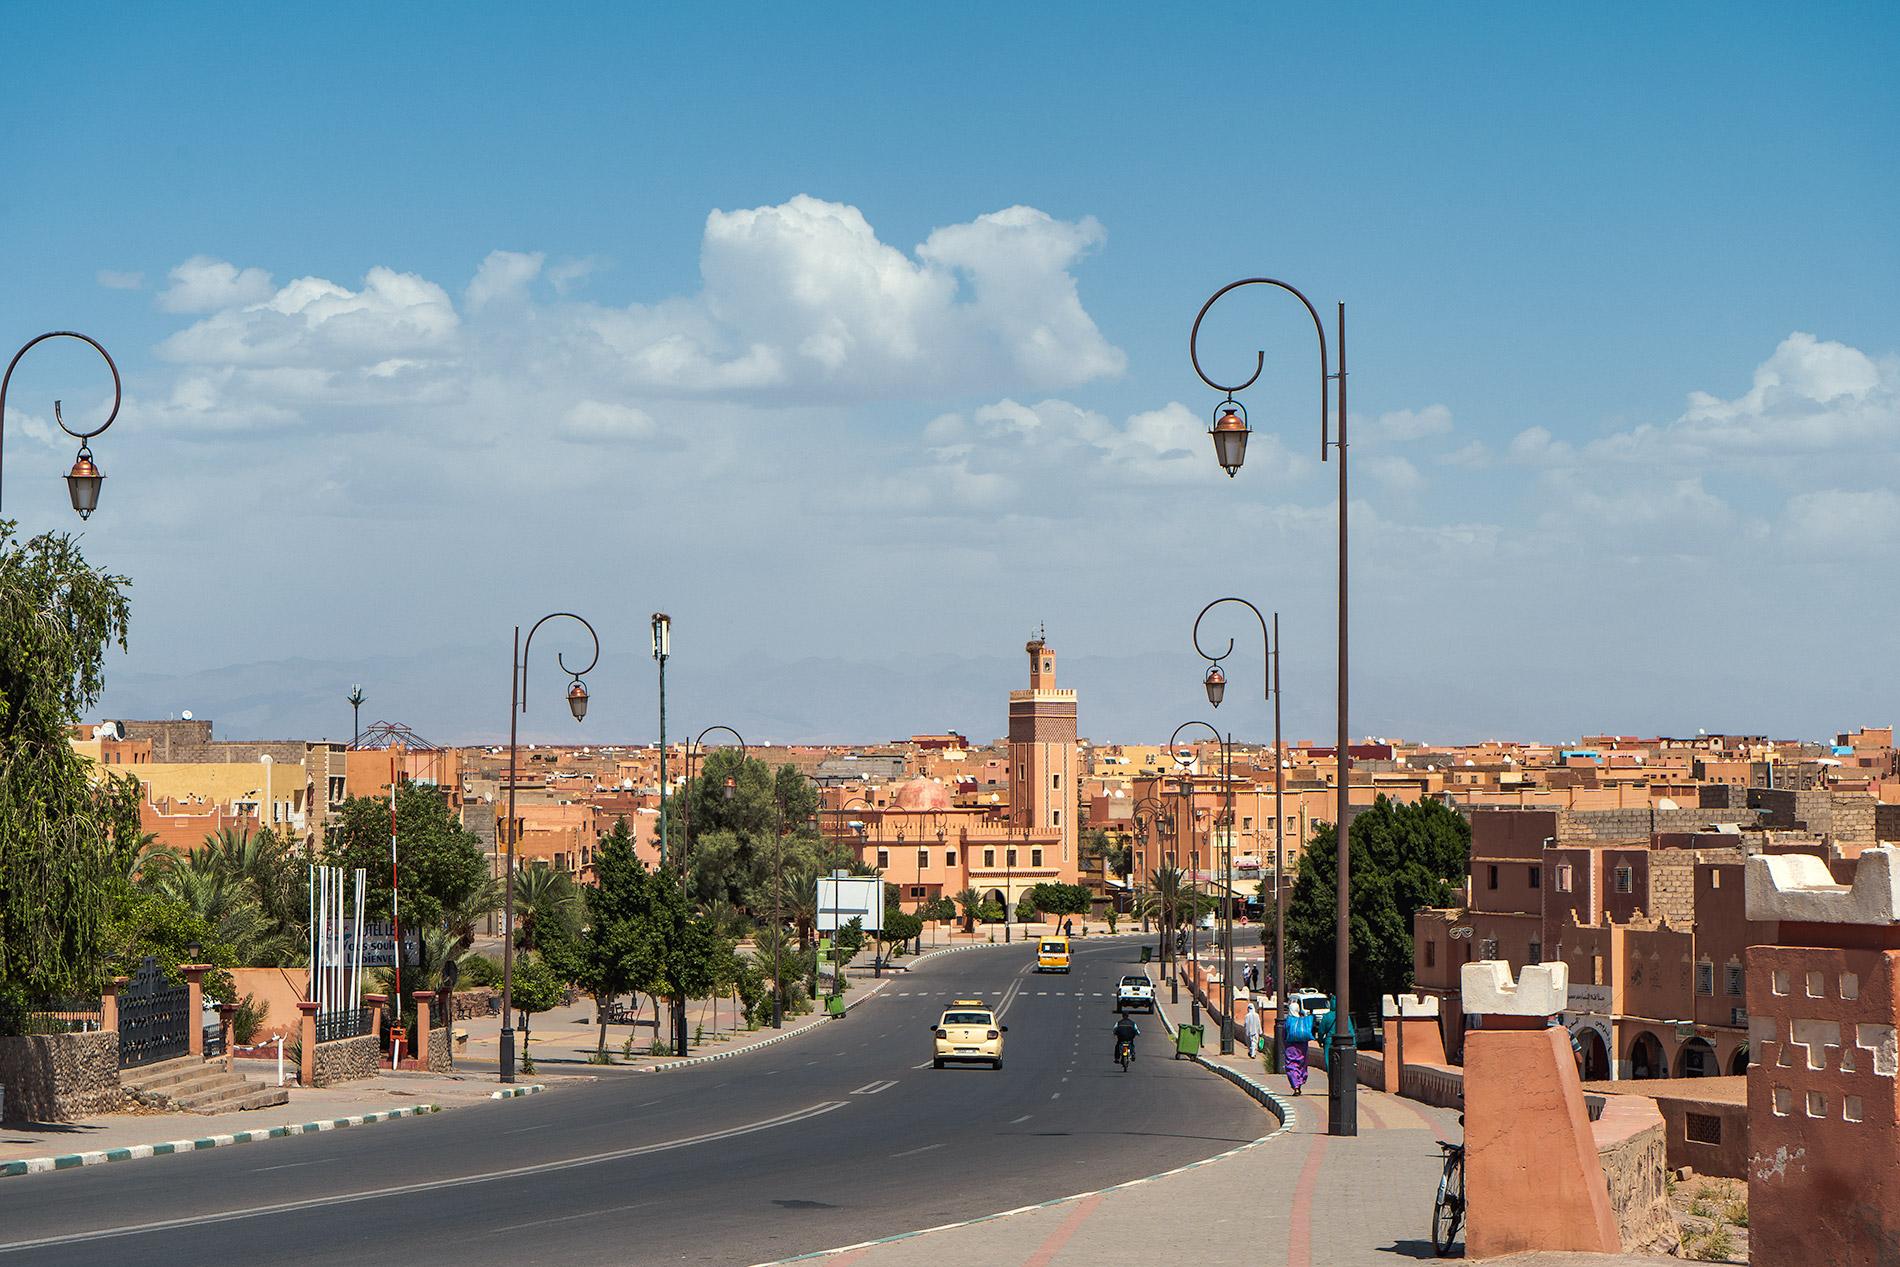 Uma avenida central em Ouarzazate